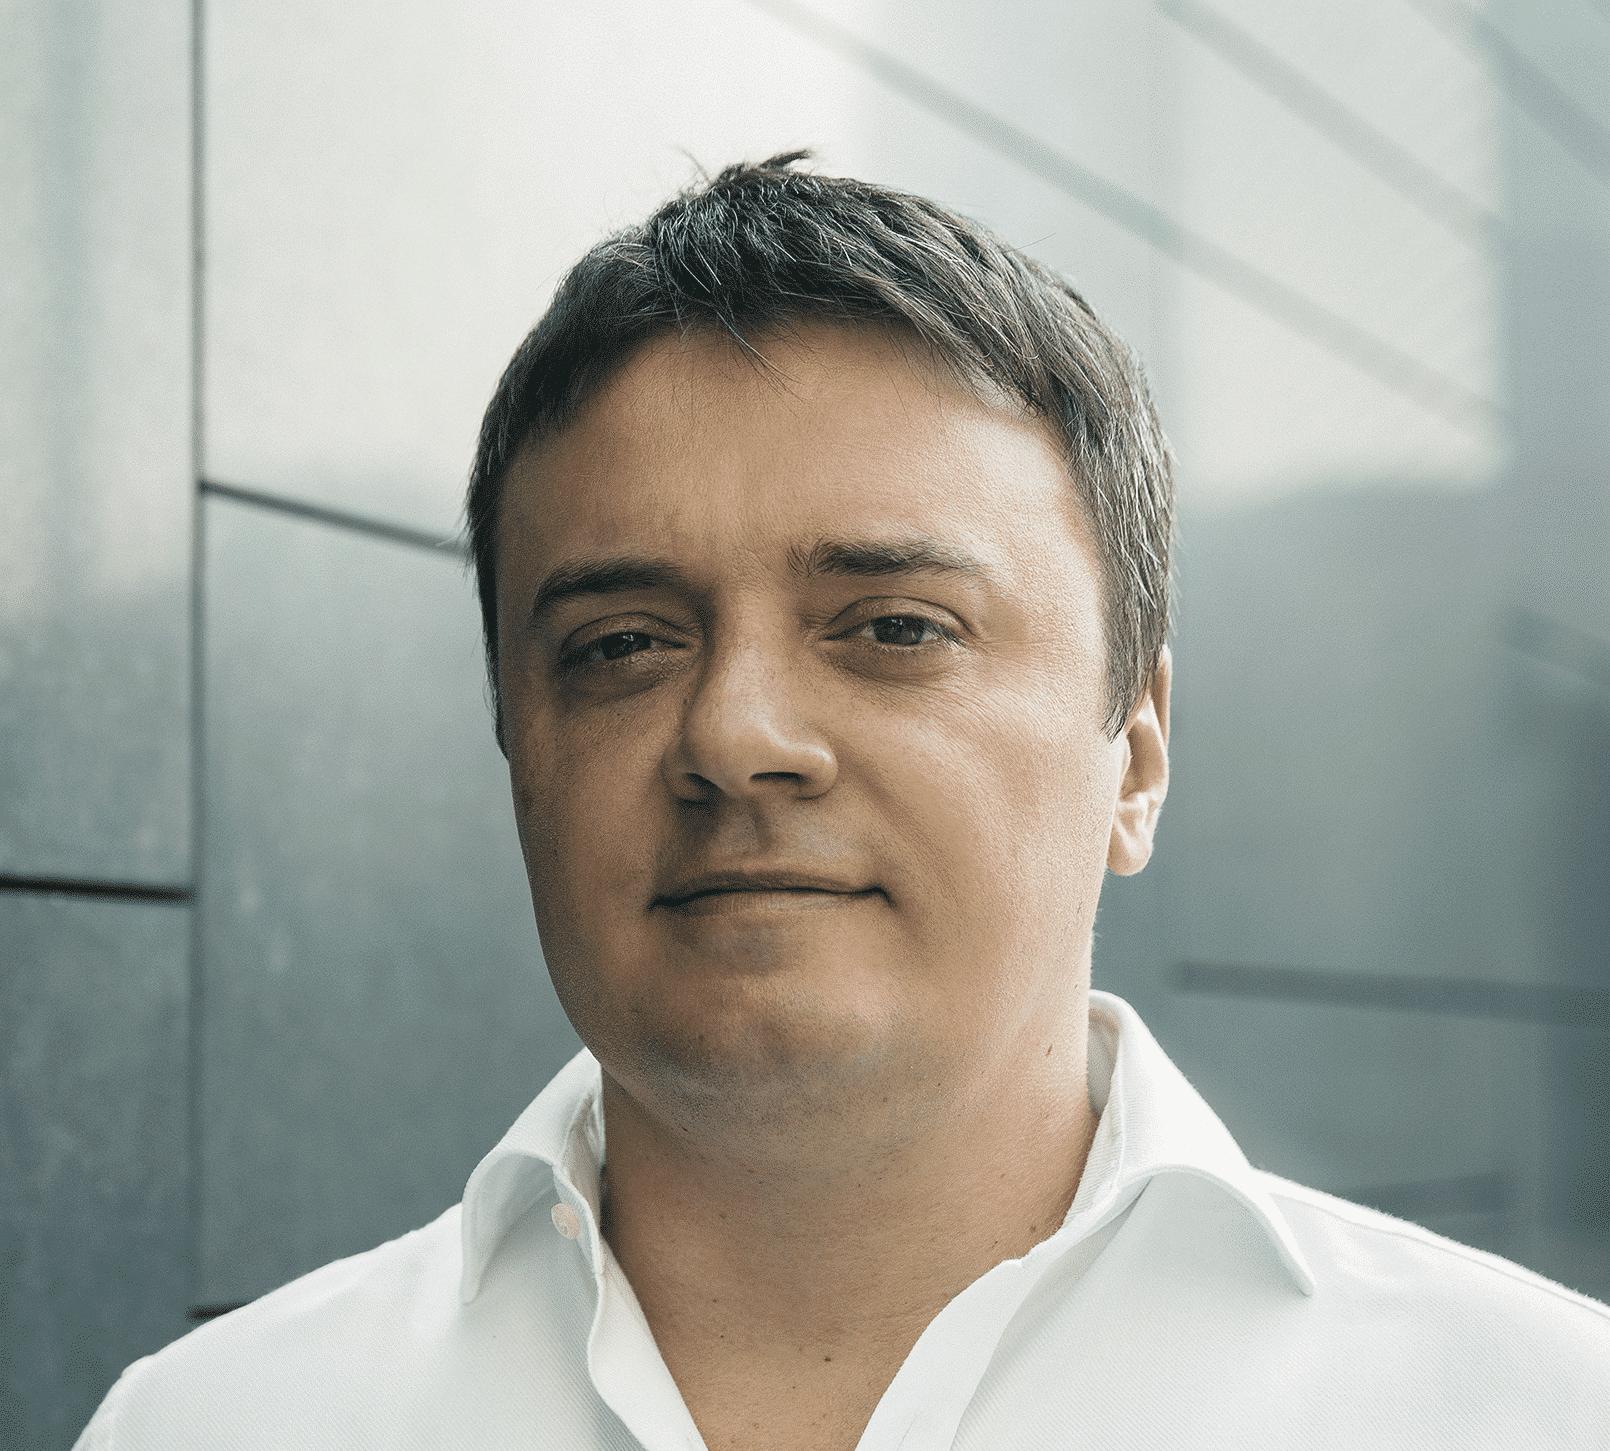 Matteo Esposito inVRsion